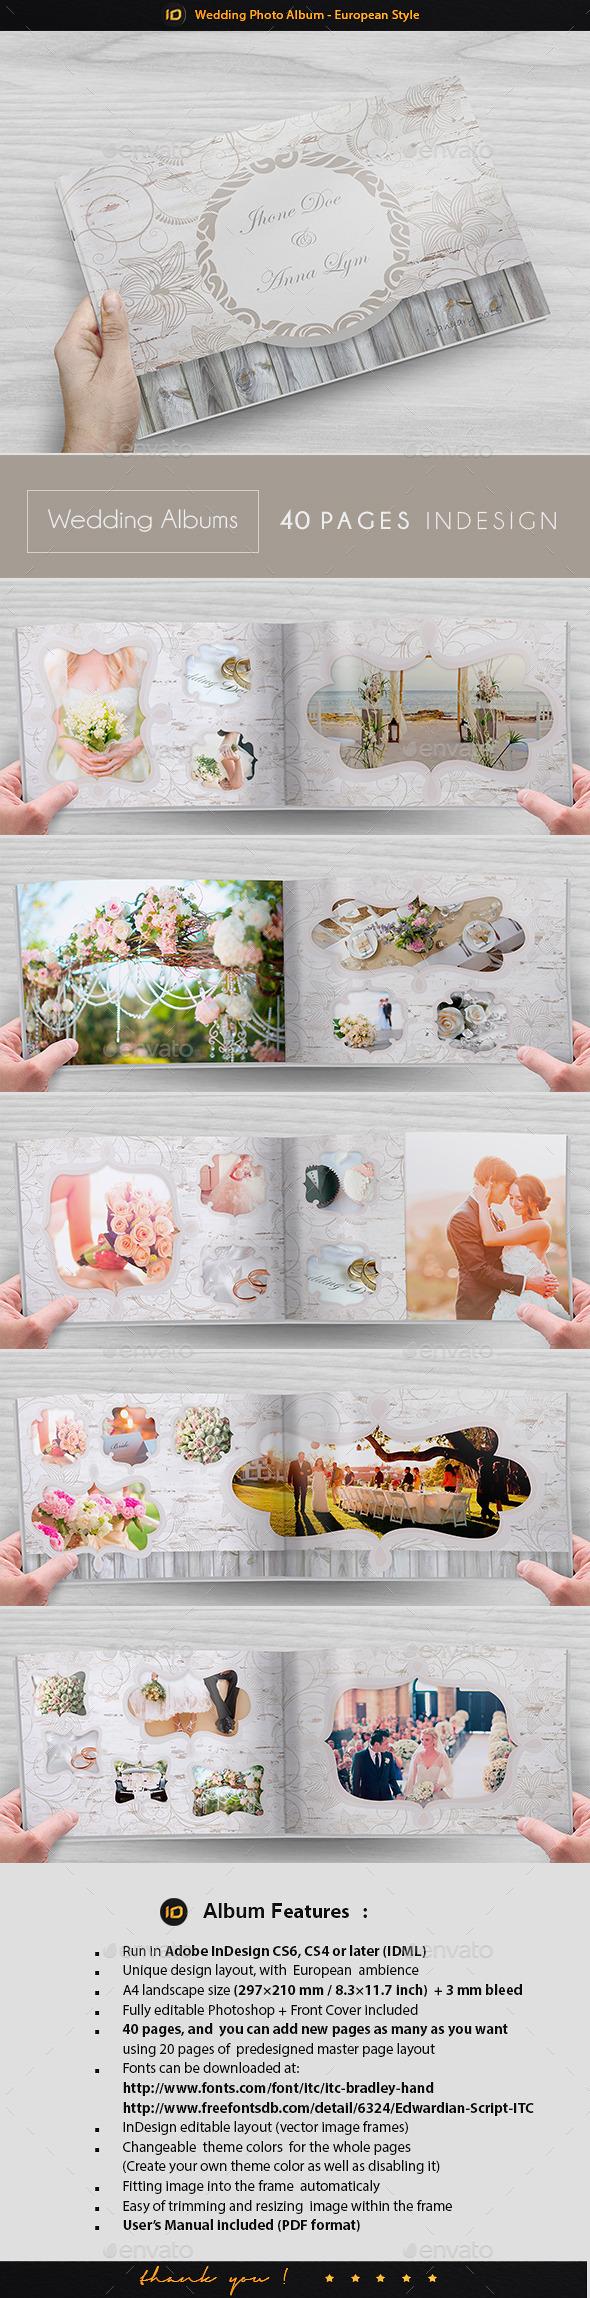 Wedding Photo Album Template European Style